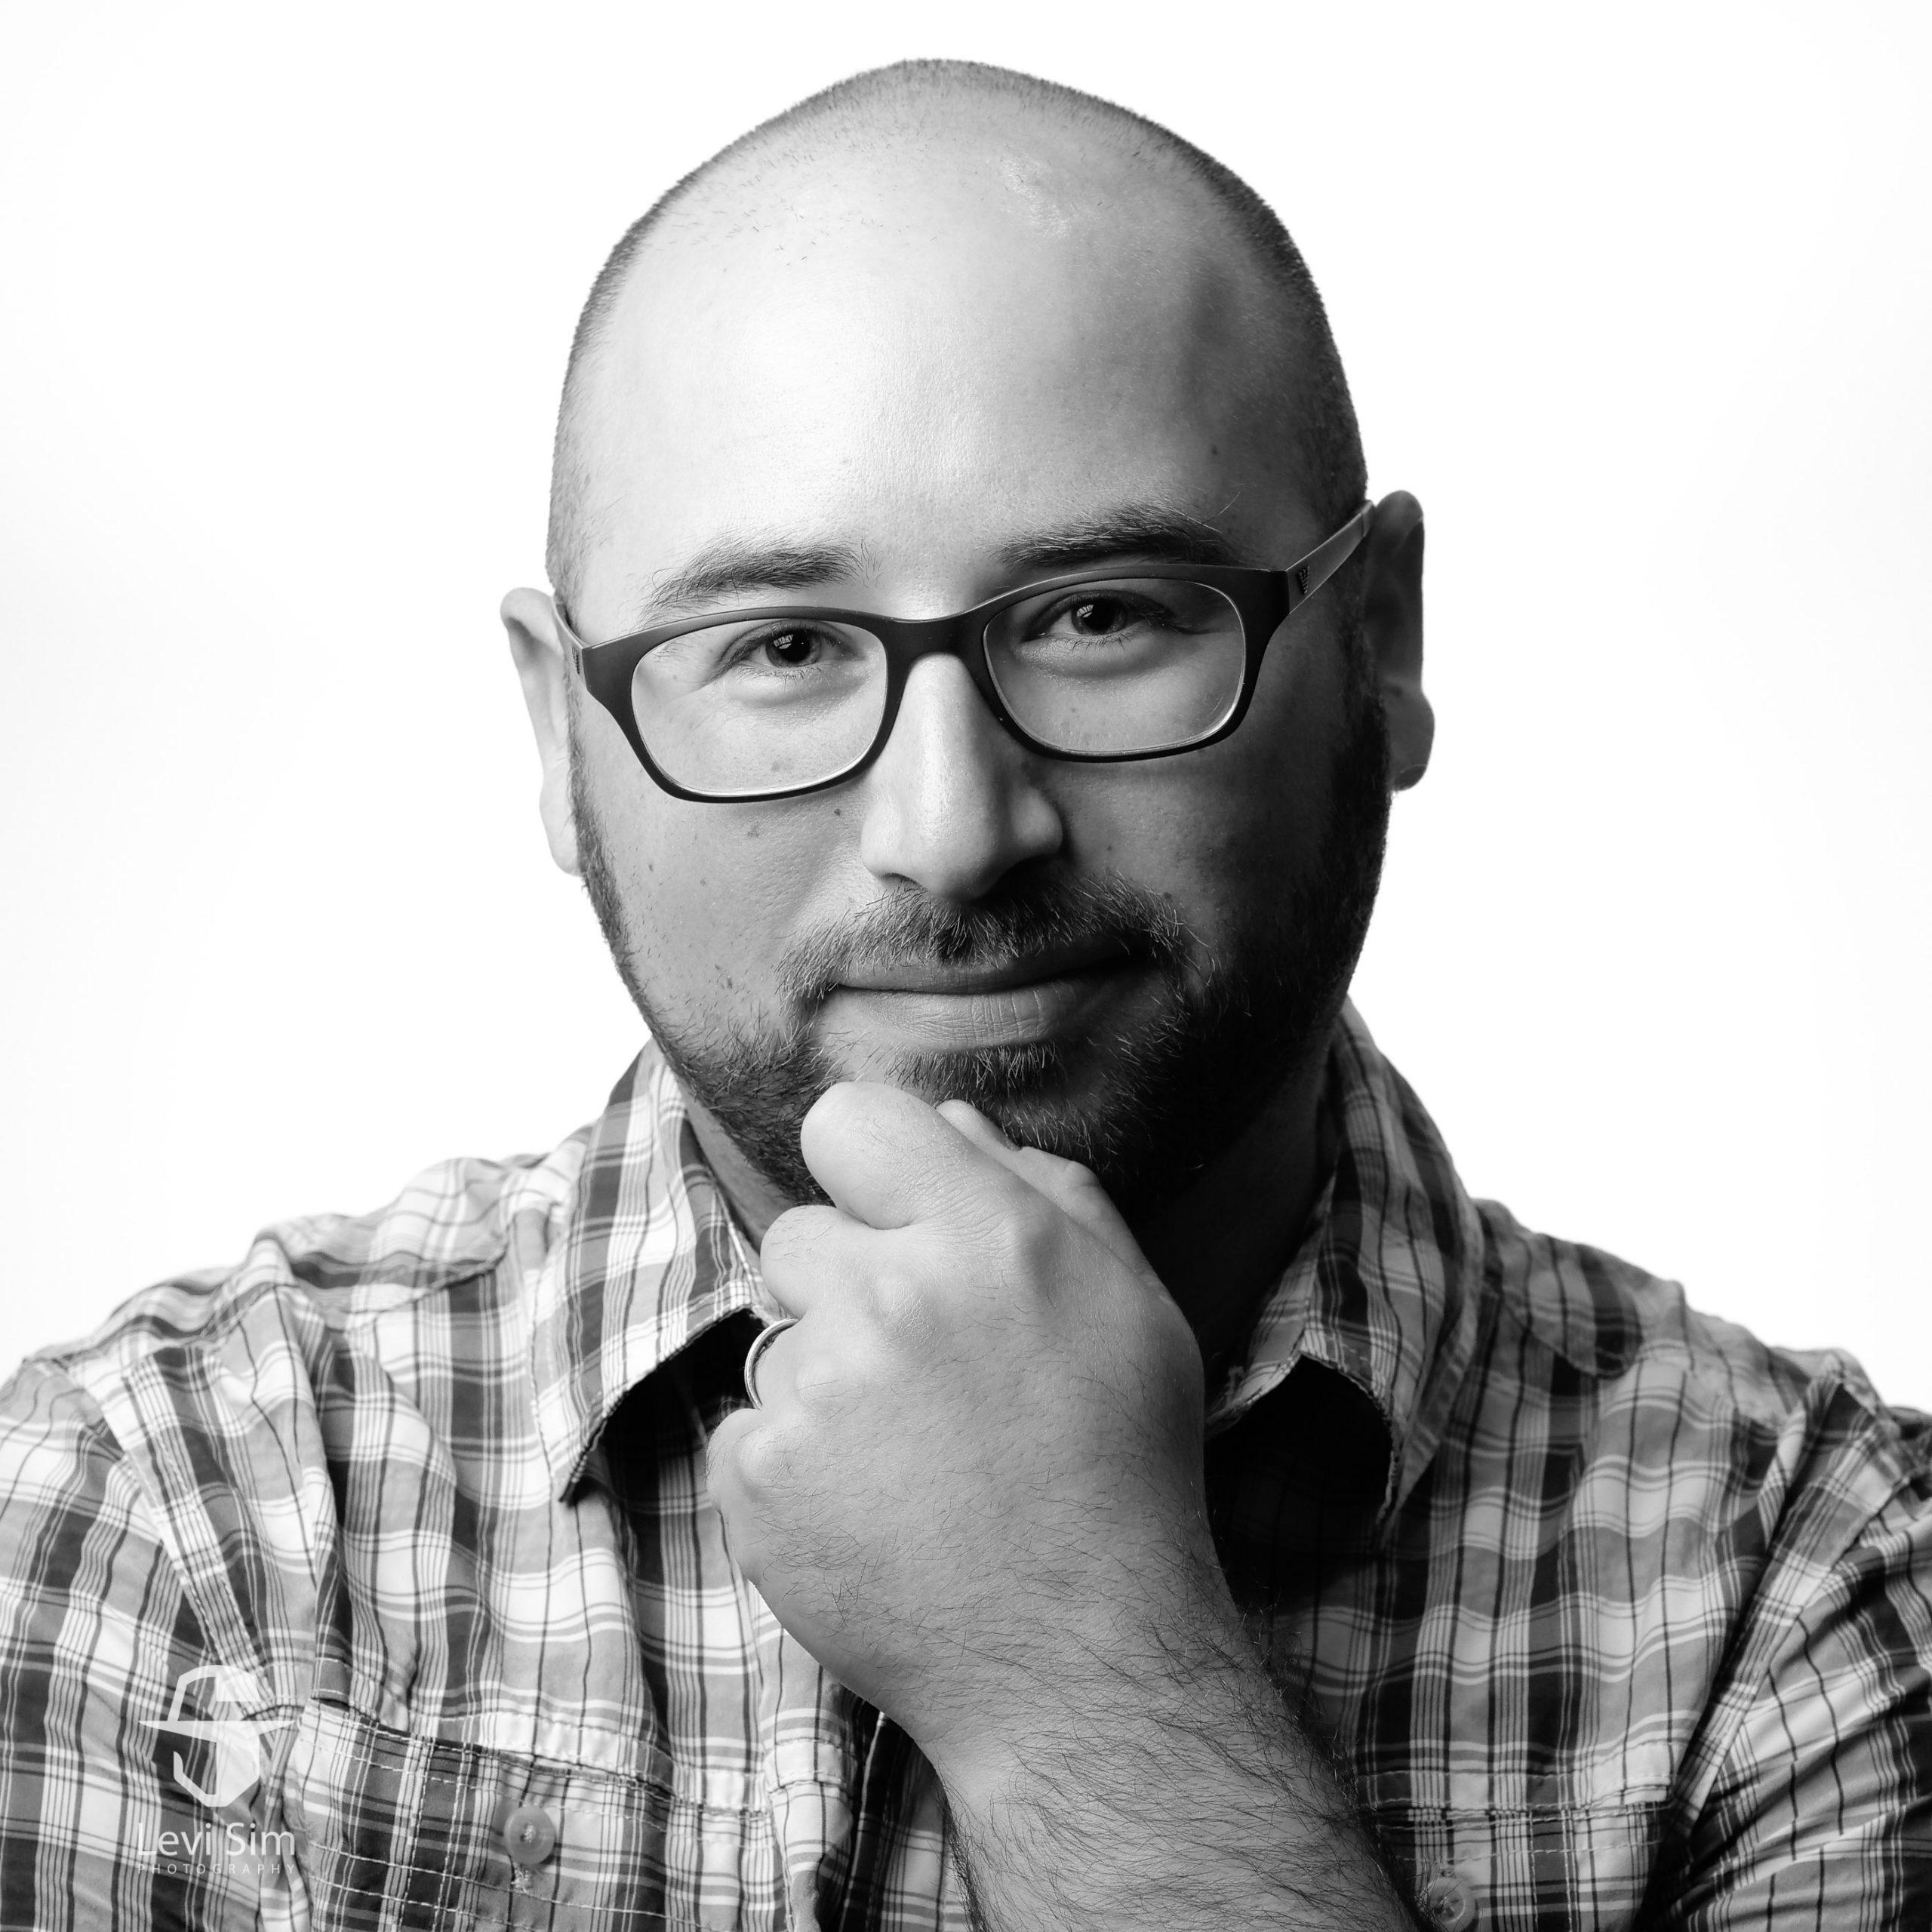 Levi Sim Steve Jobs Portrait Project Out Of Chicago 2017-1